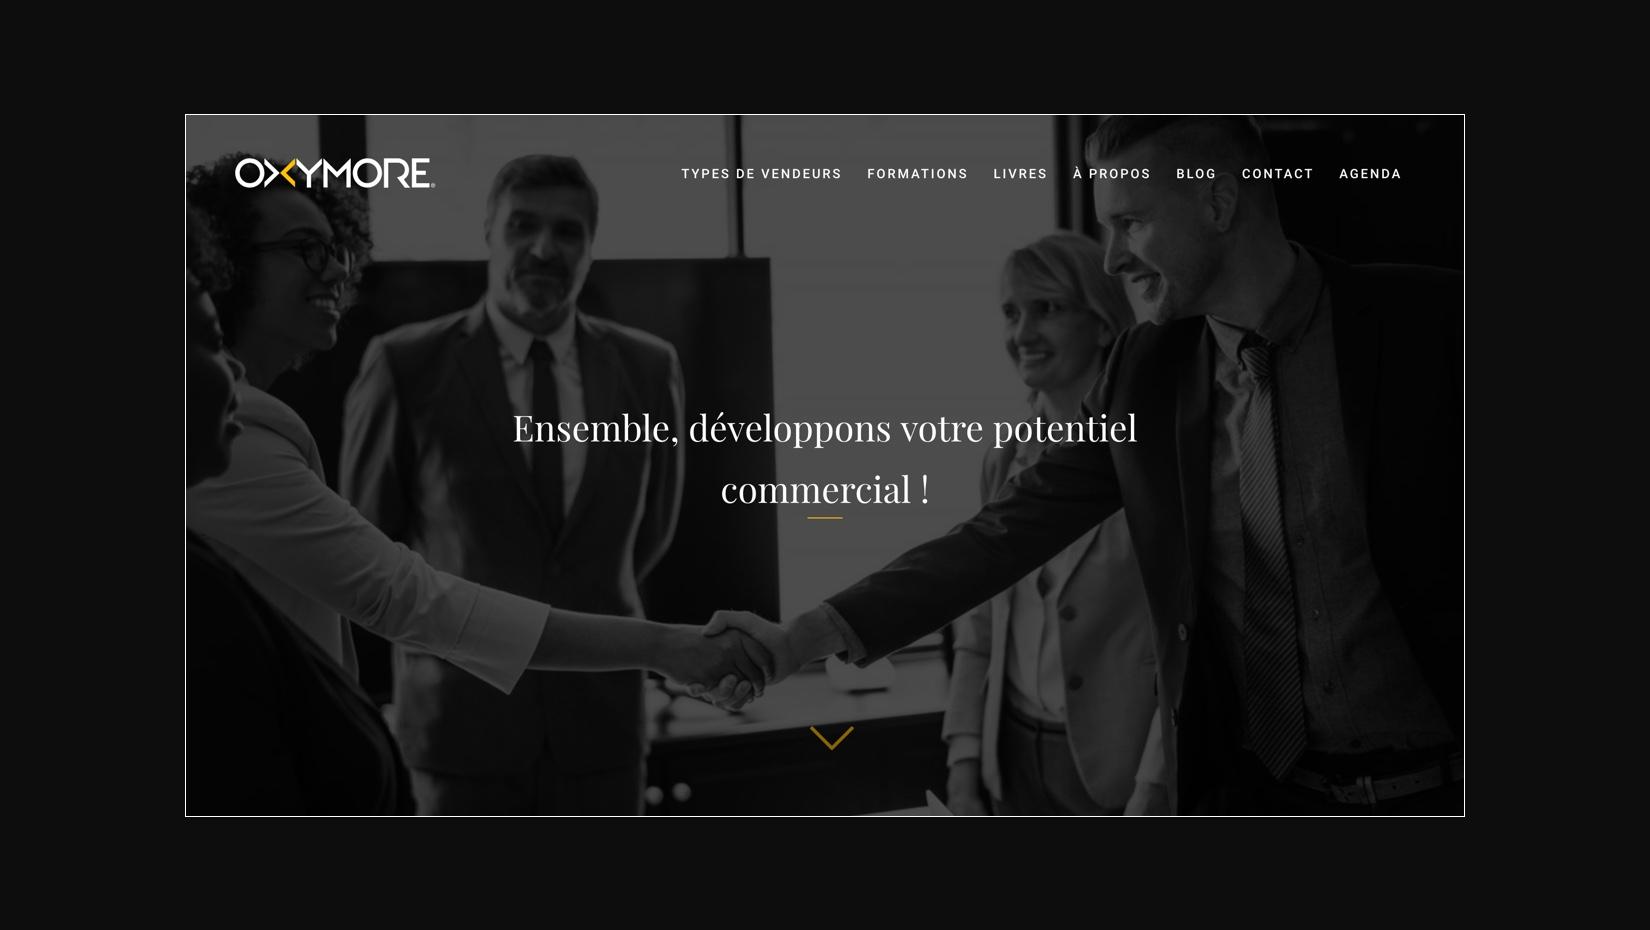 Création du site internet Oxymore